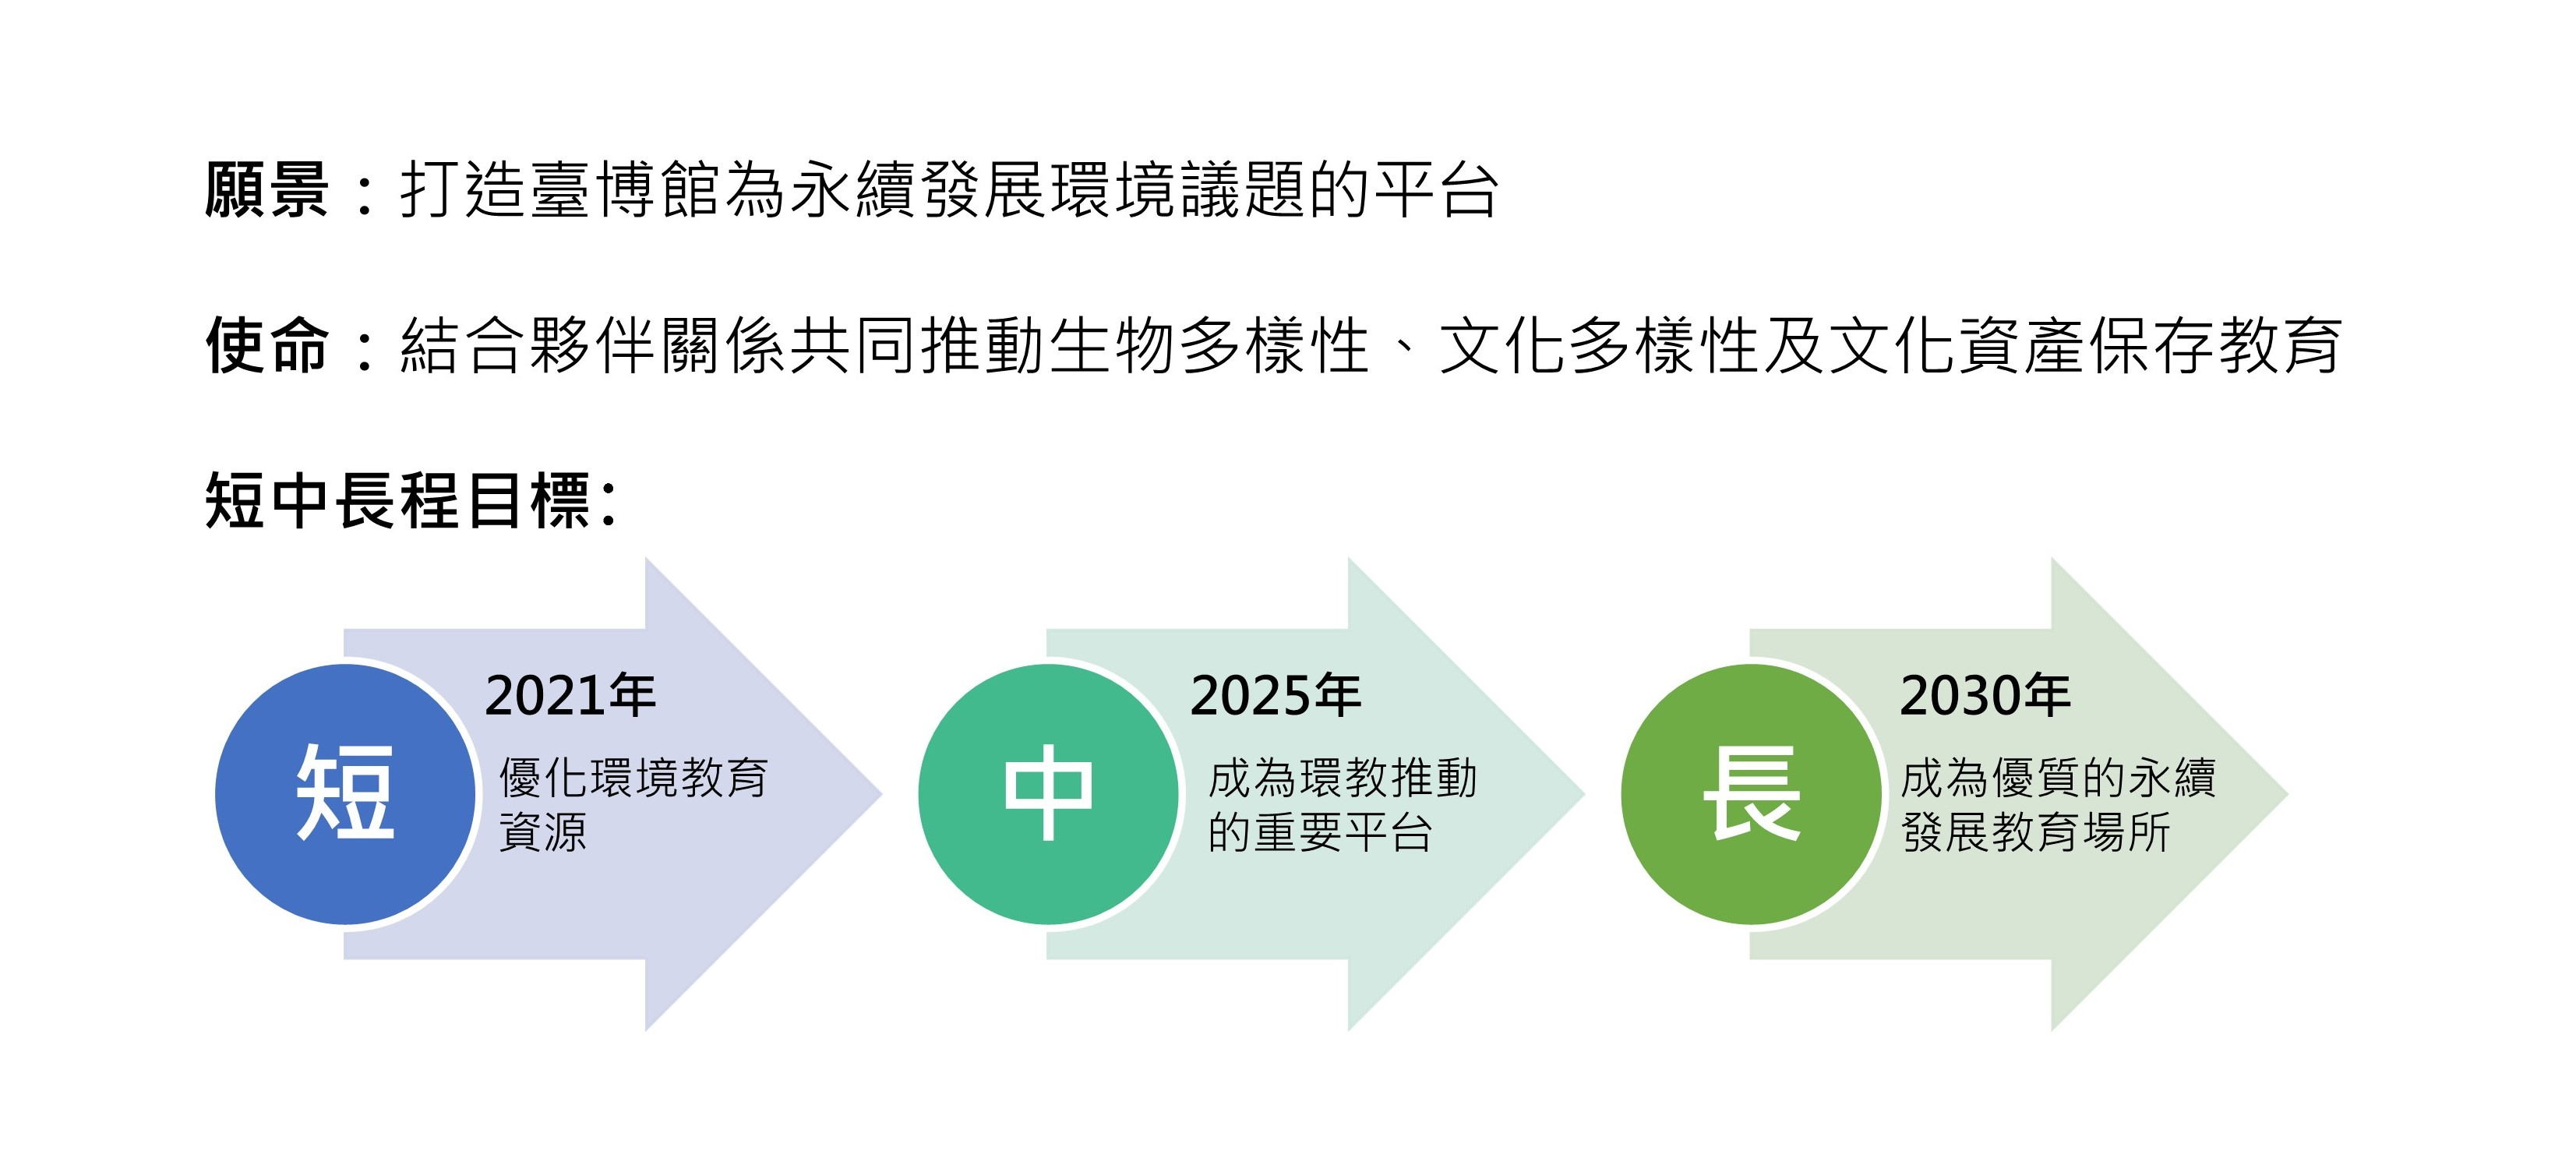 願景.pdf.jpg